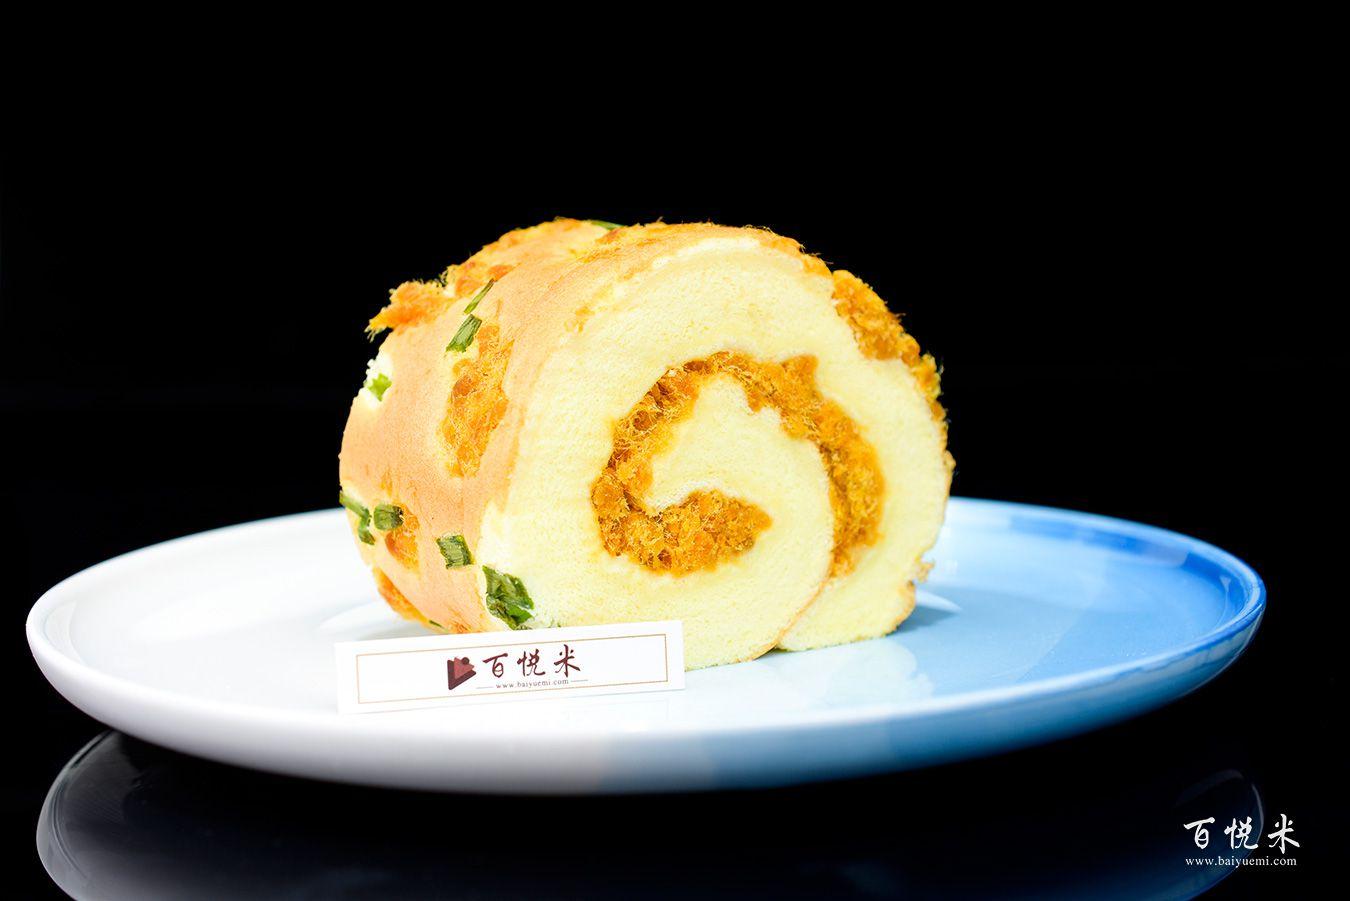 肉松卷高清图片大全【蛋糕图片】_295